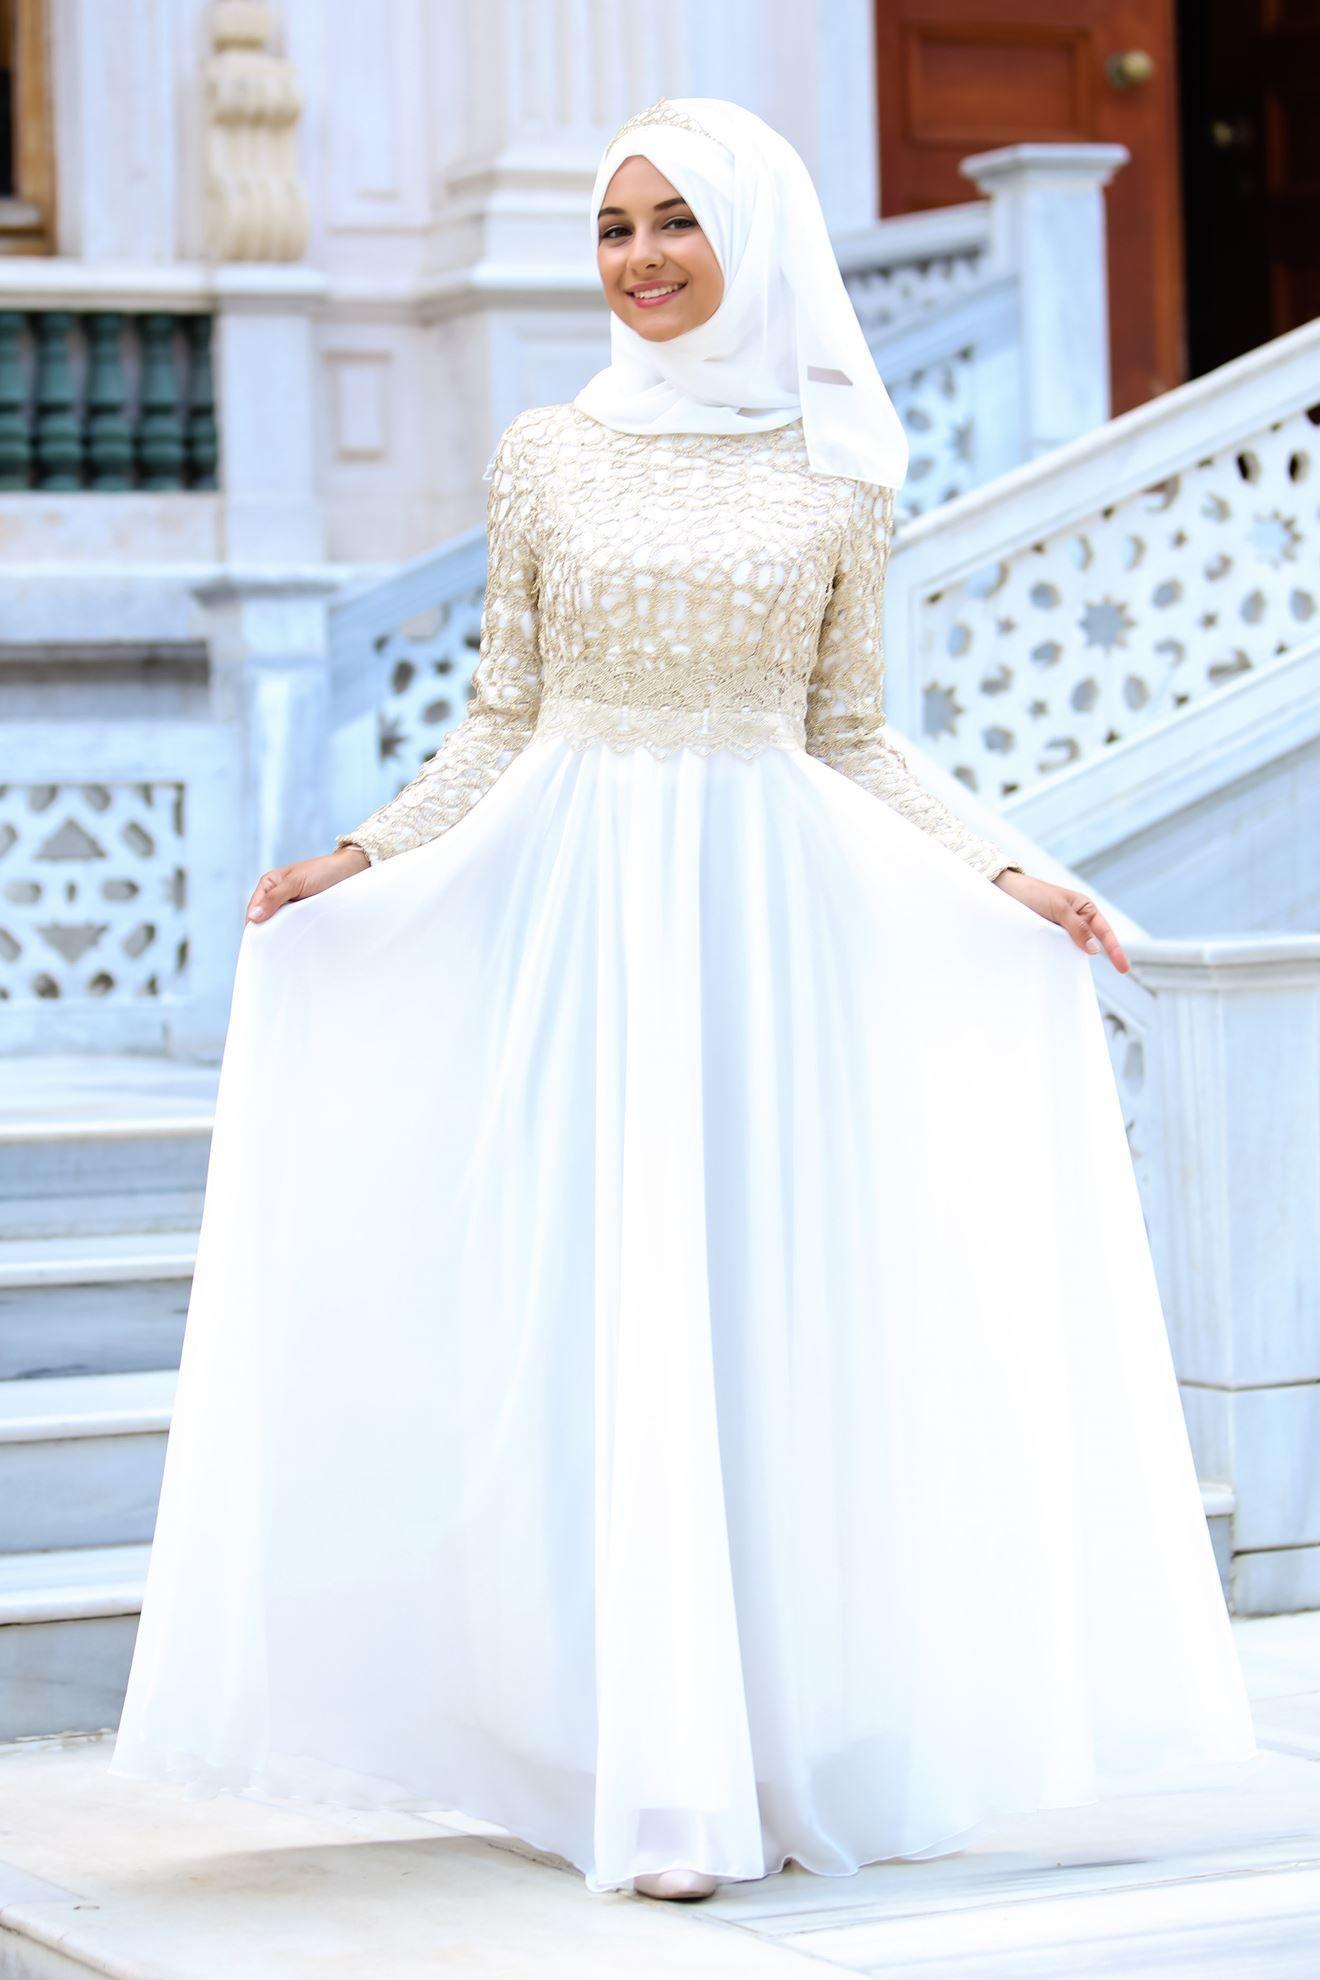 299 00 Tl Yerine 169 90 Tl Siparis Vermek Icin Https Goo Gl Py95if Urun Bilgisi Gold Dantelli Beyaz Tesettur Abiye Elbise Elbise Moda Stilleri Gelinlik